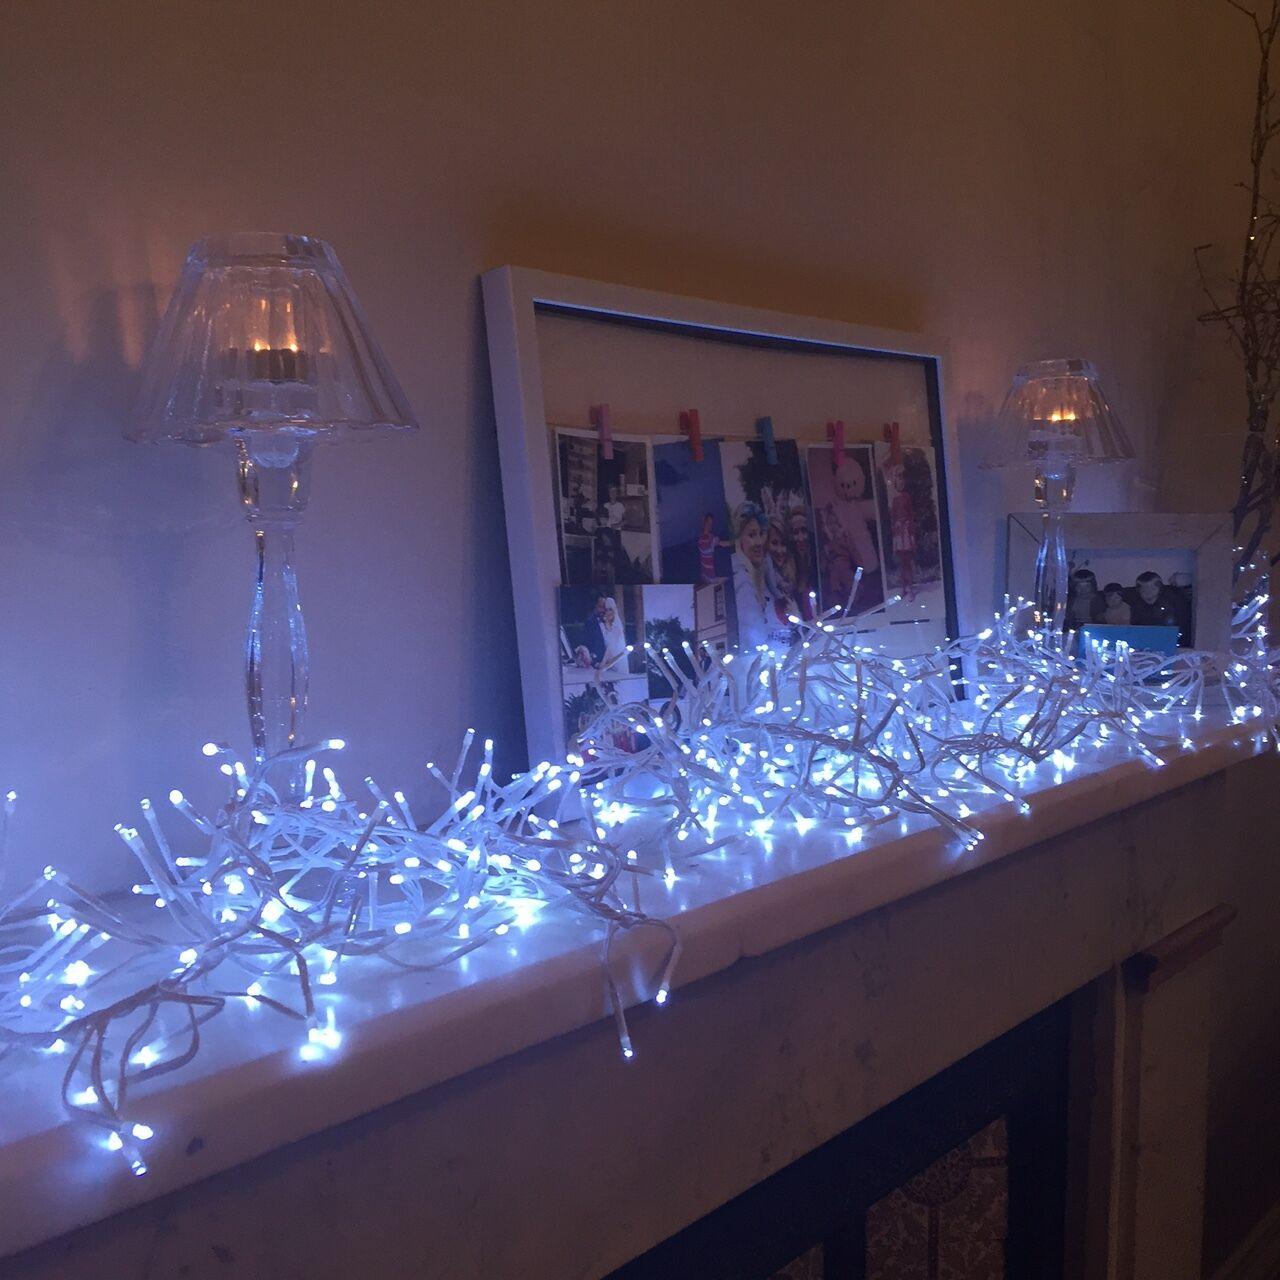 768er led lichterkette cluster weihnachts garten. Black Bedroom Furniture Sets. Home Design Ideas